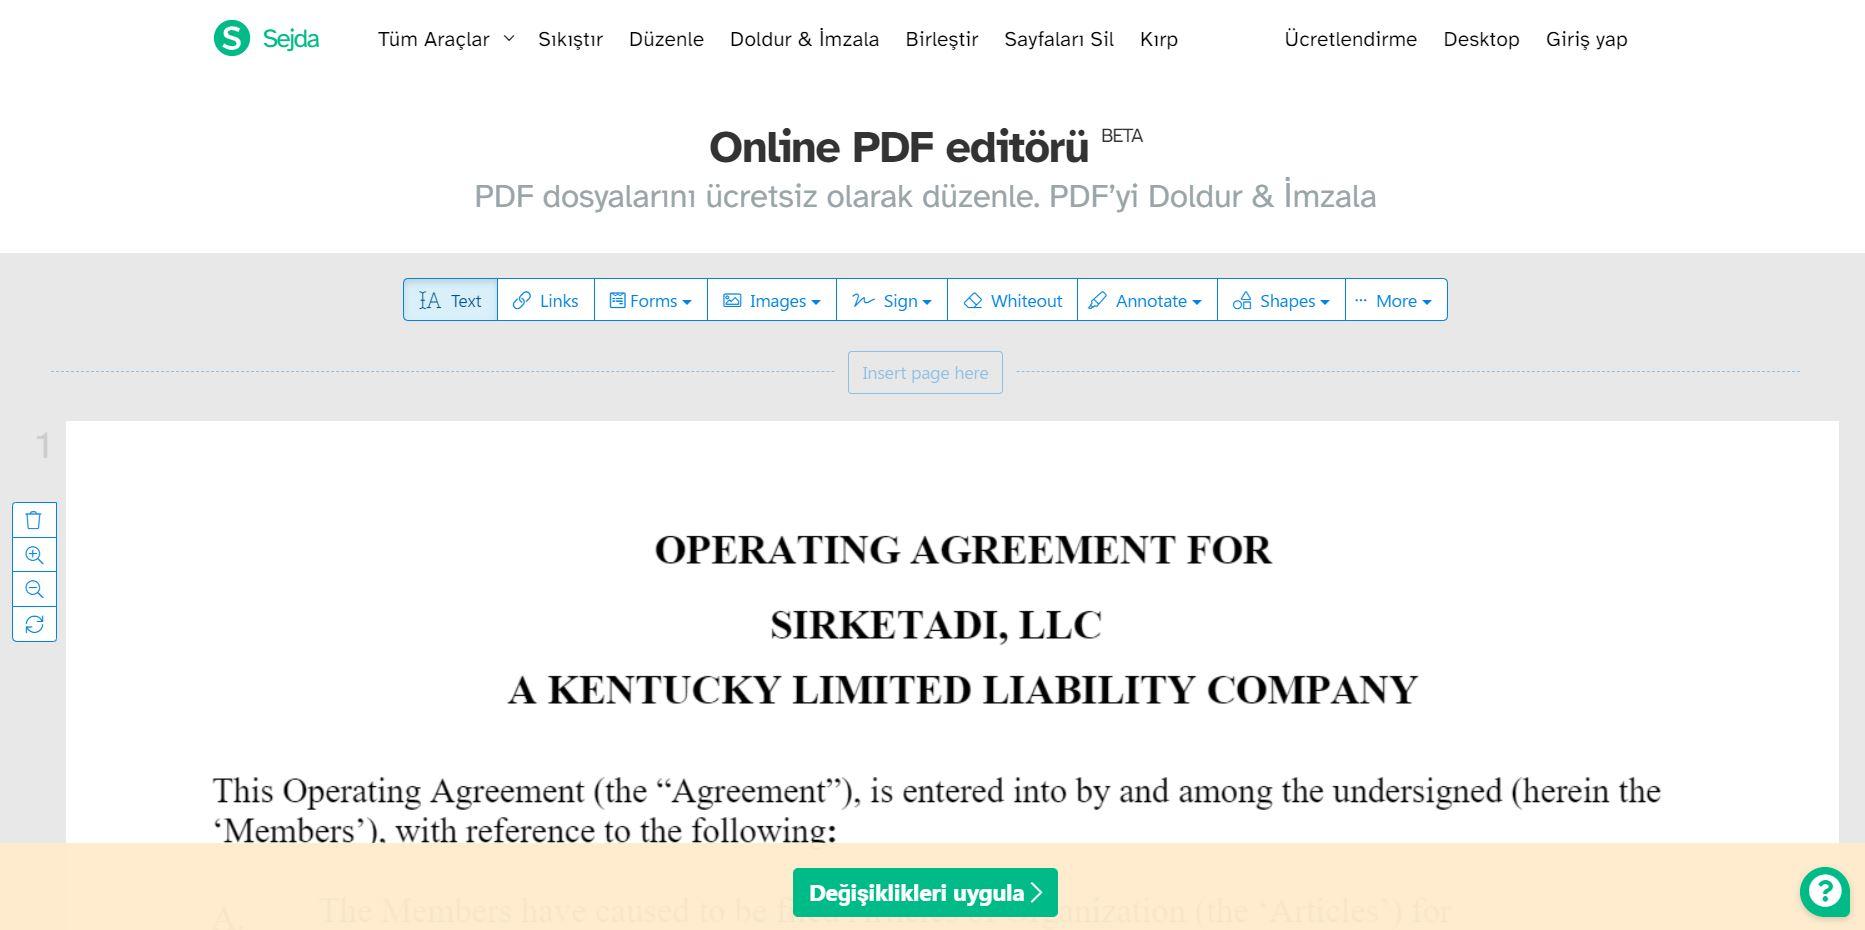 operation agreement hazirlamak Operating Agreement Nedir? Tek üyeli LLC'ler İçin Gerekli Mi?